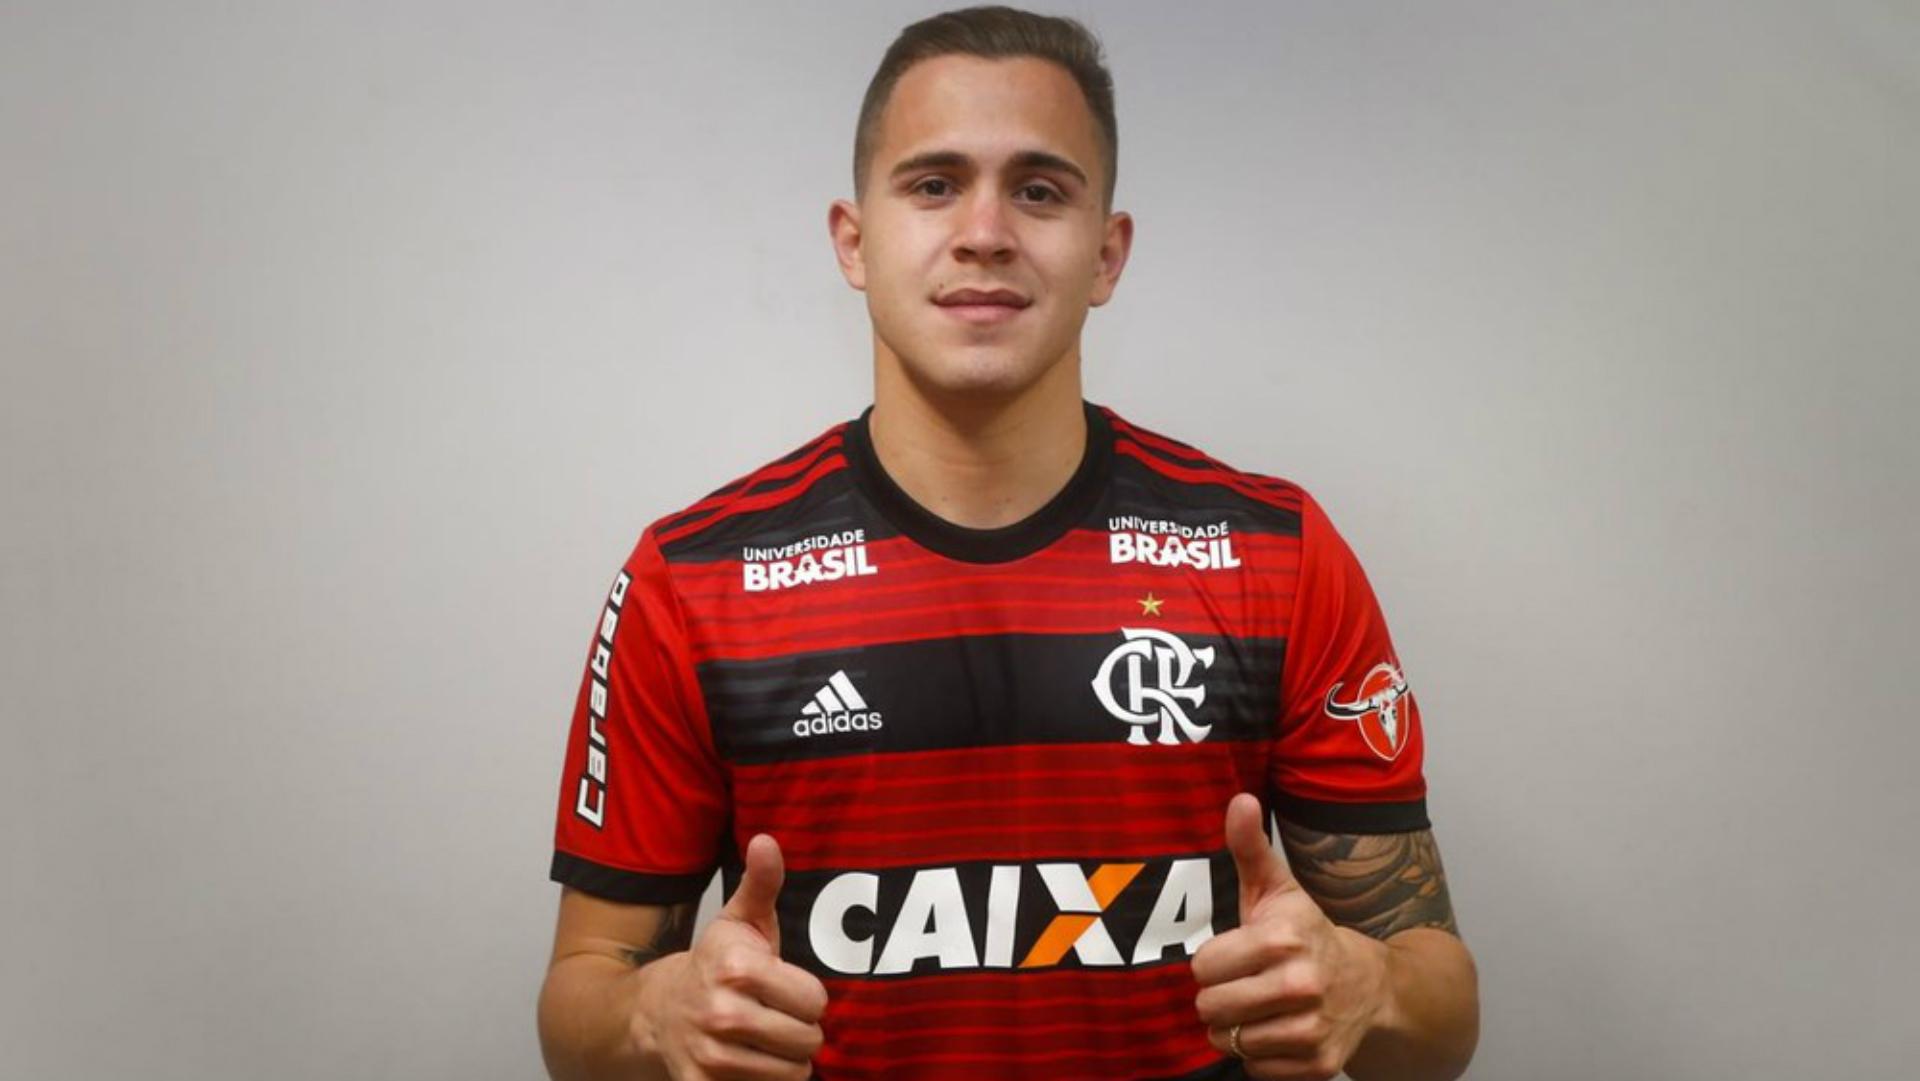 Piris da Motta Flamengo